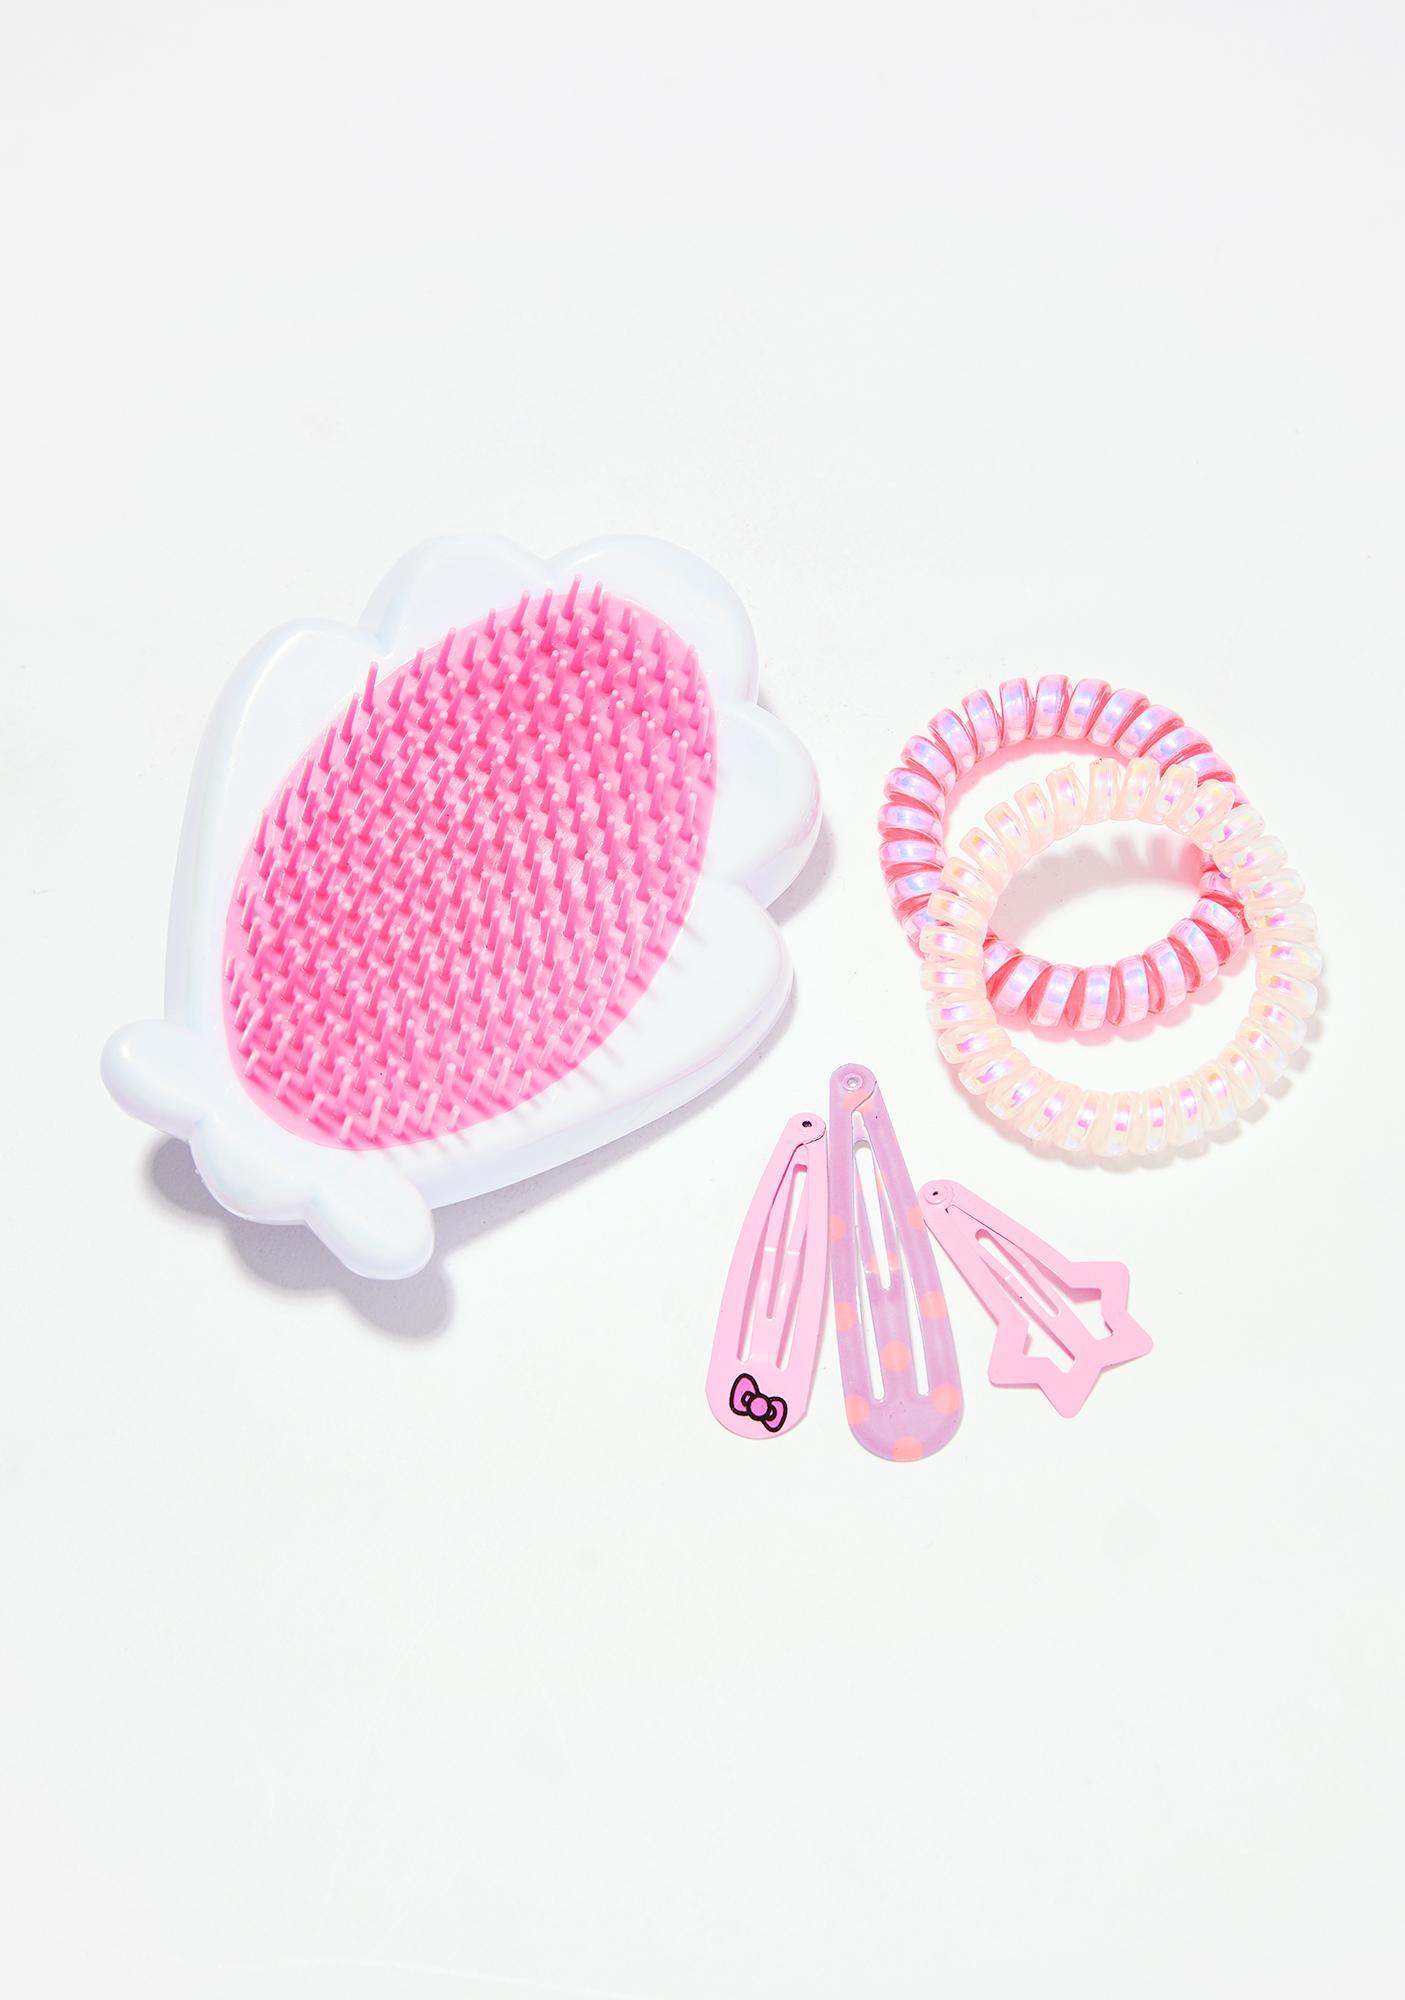 Skinnydip Iridescent Hair Brush